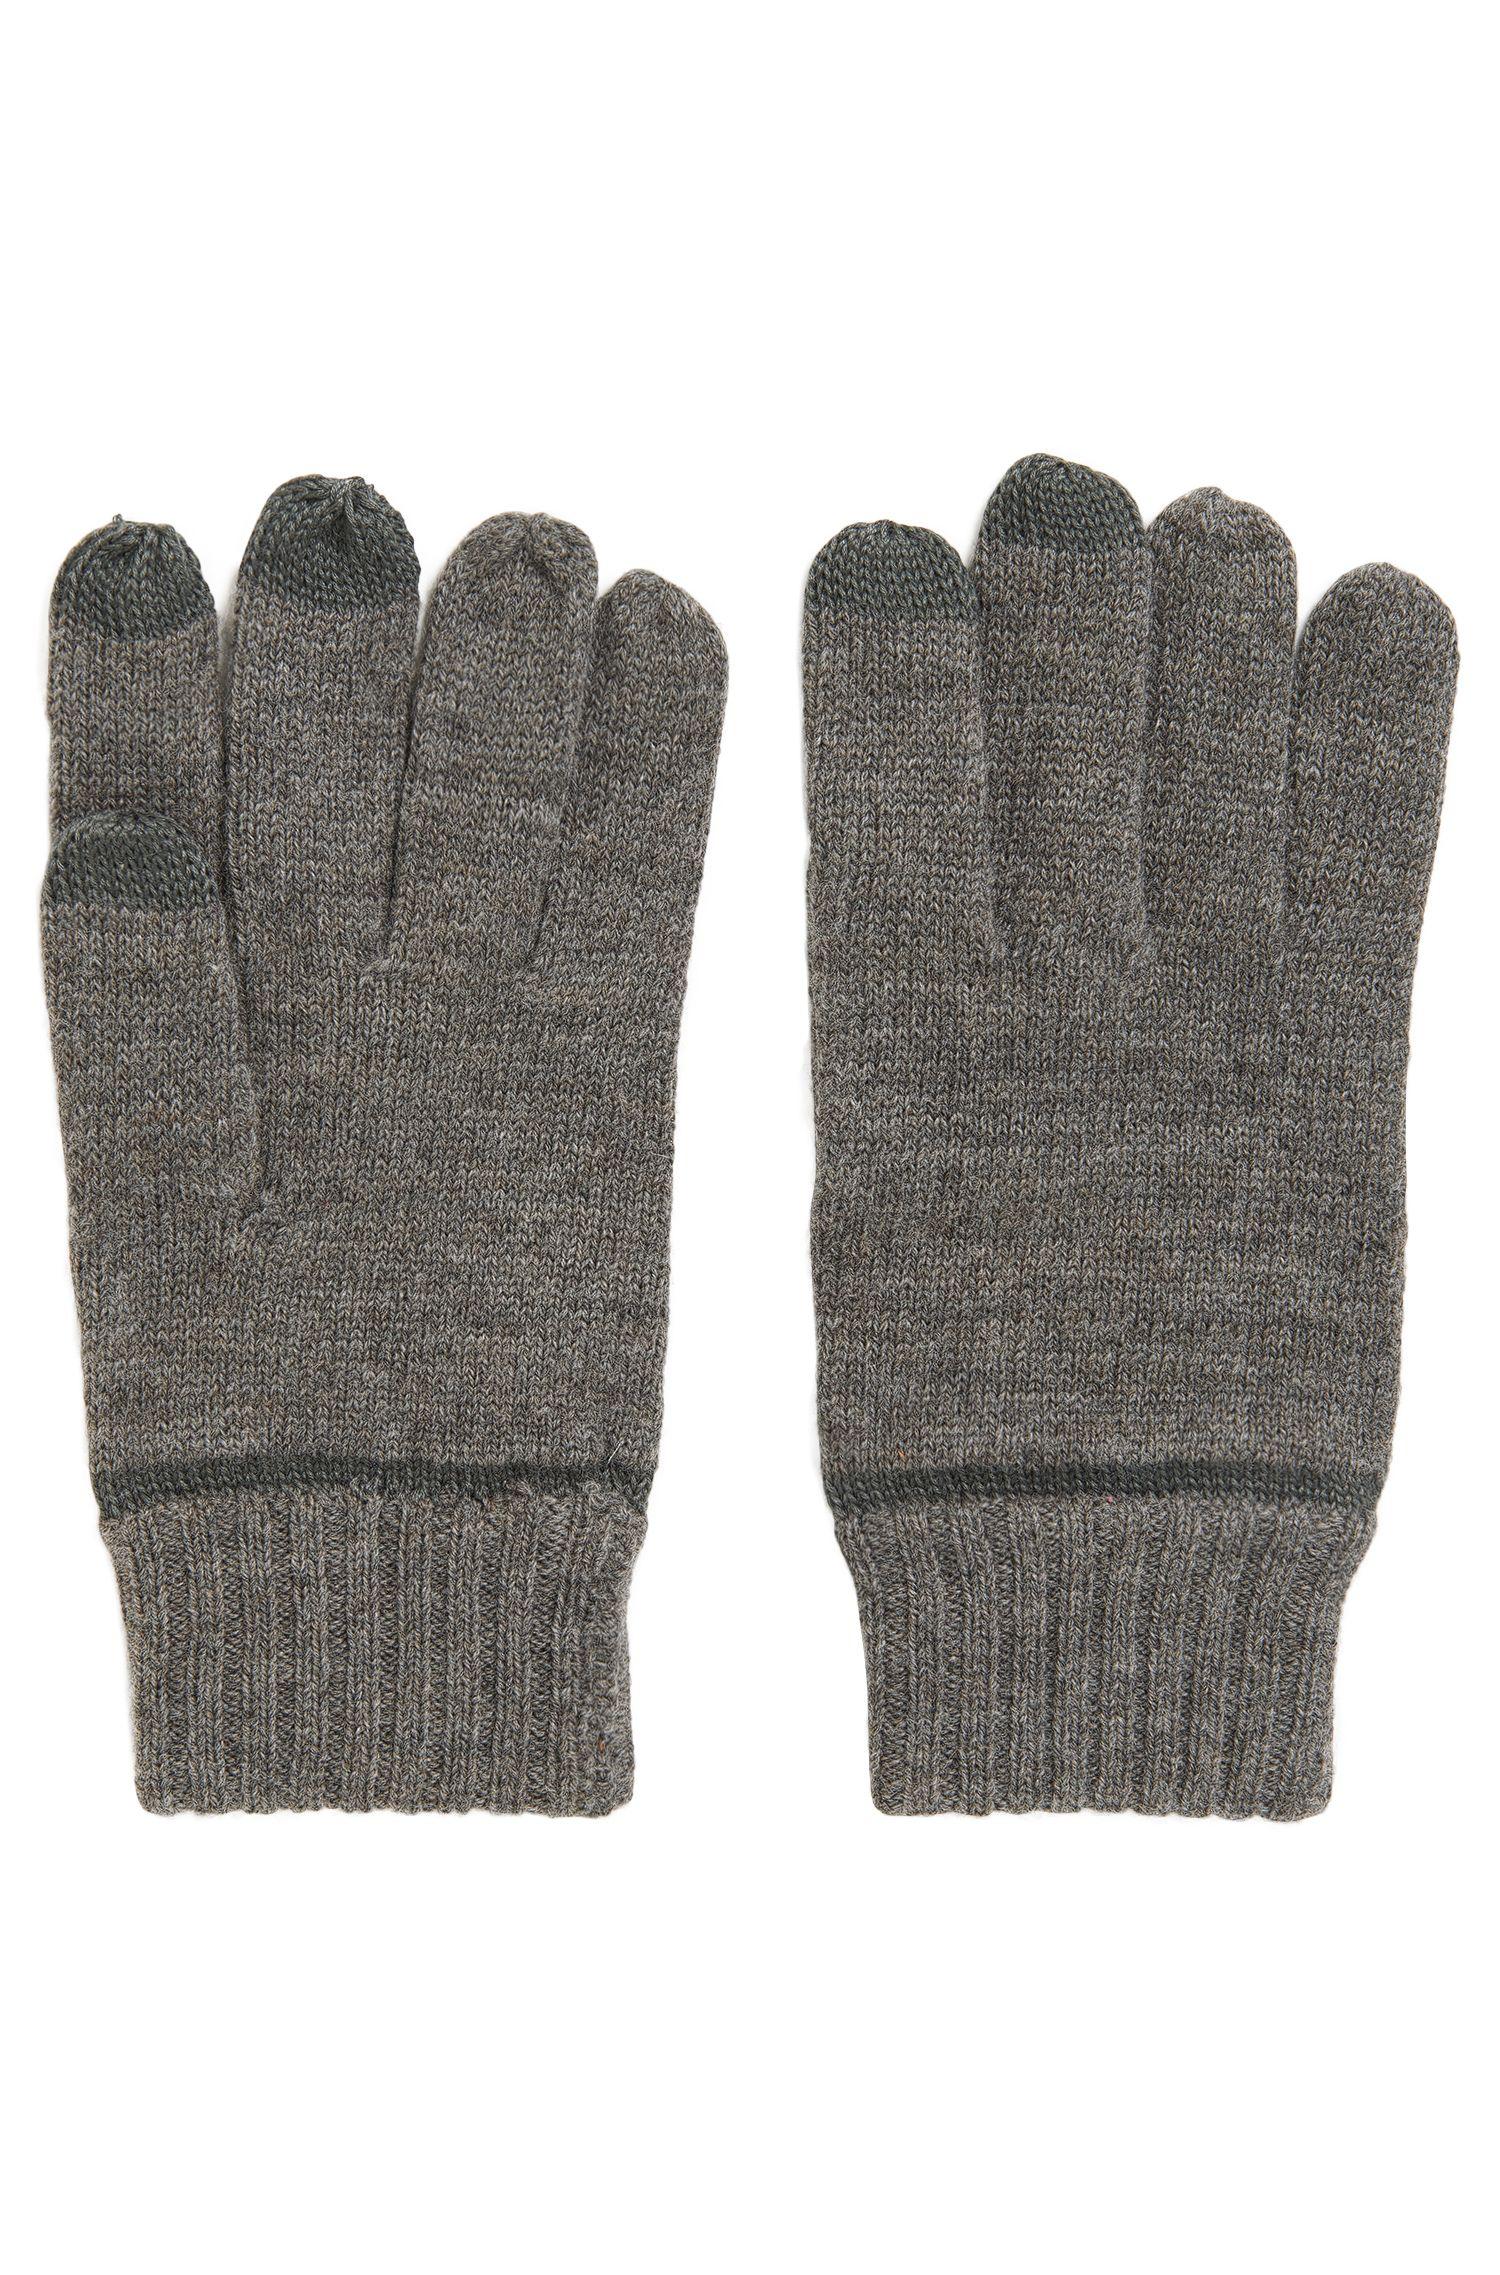 Virgin Wool Blend Tech Gloves | Graas